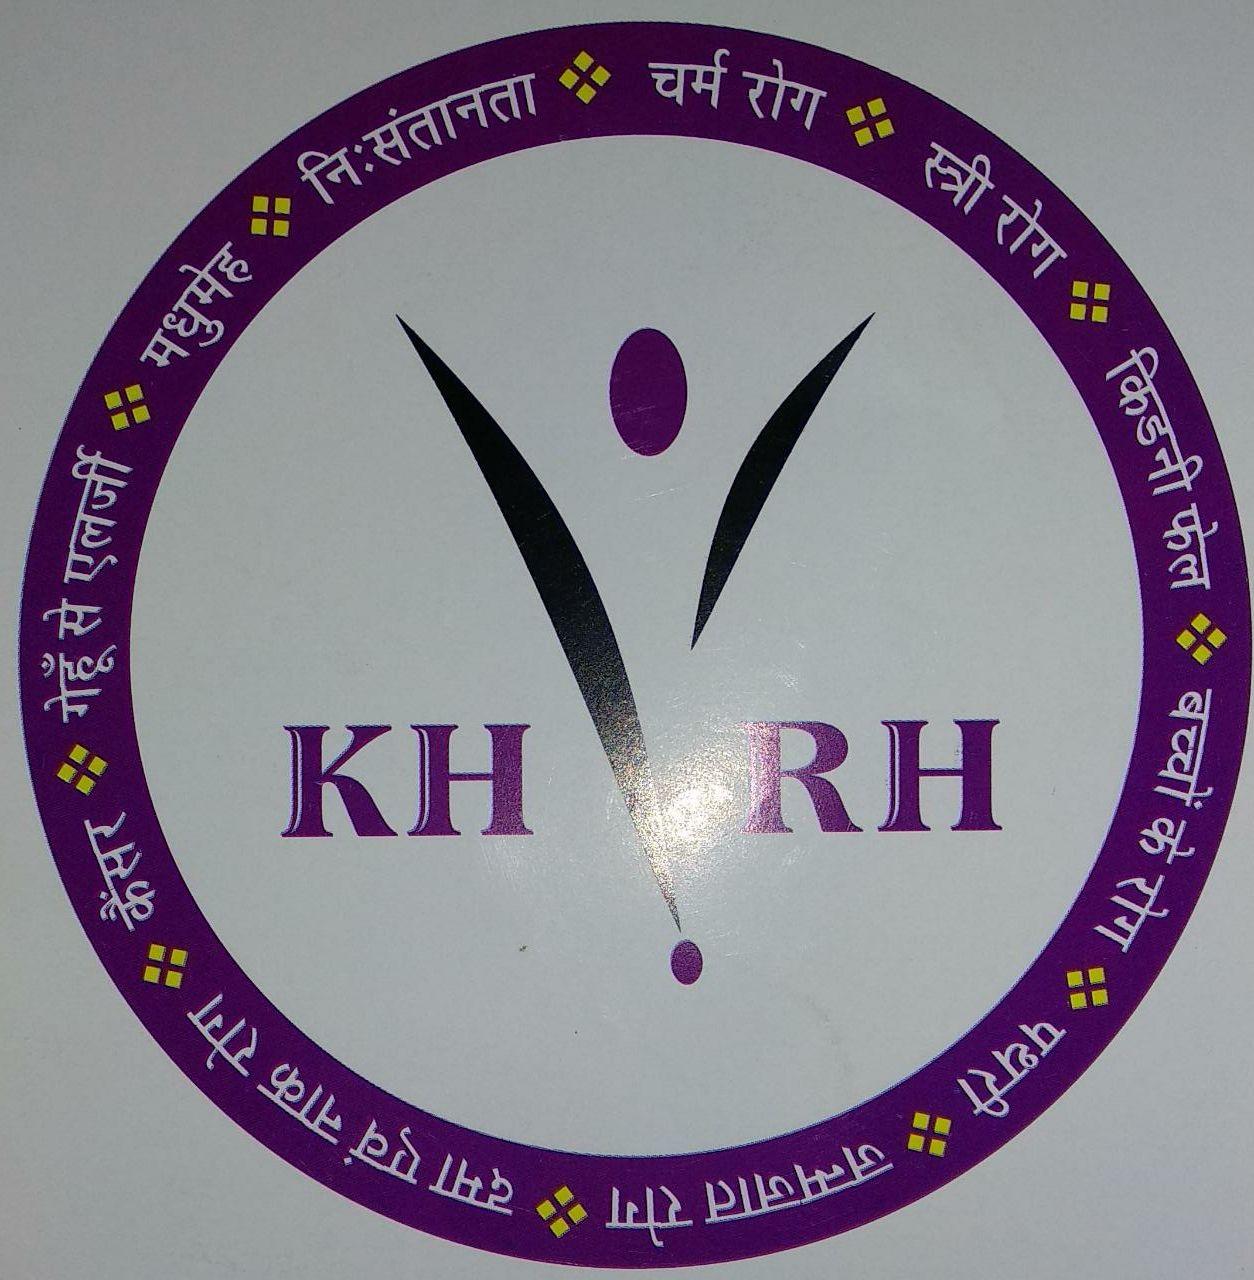 Krishna Homeopathic, Jaipur